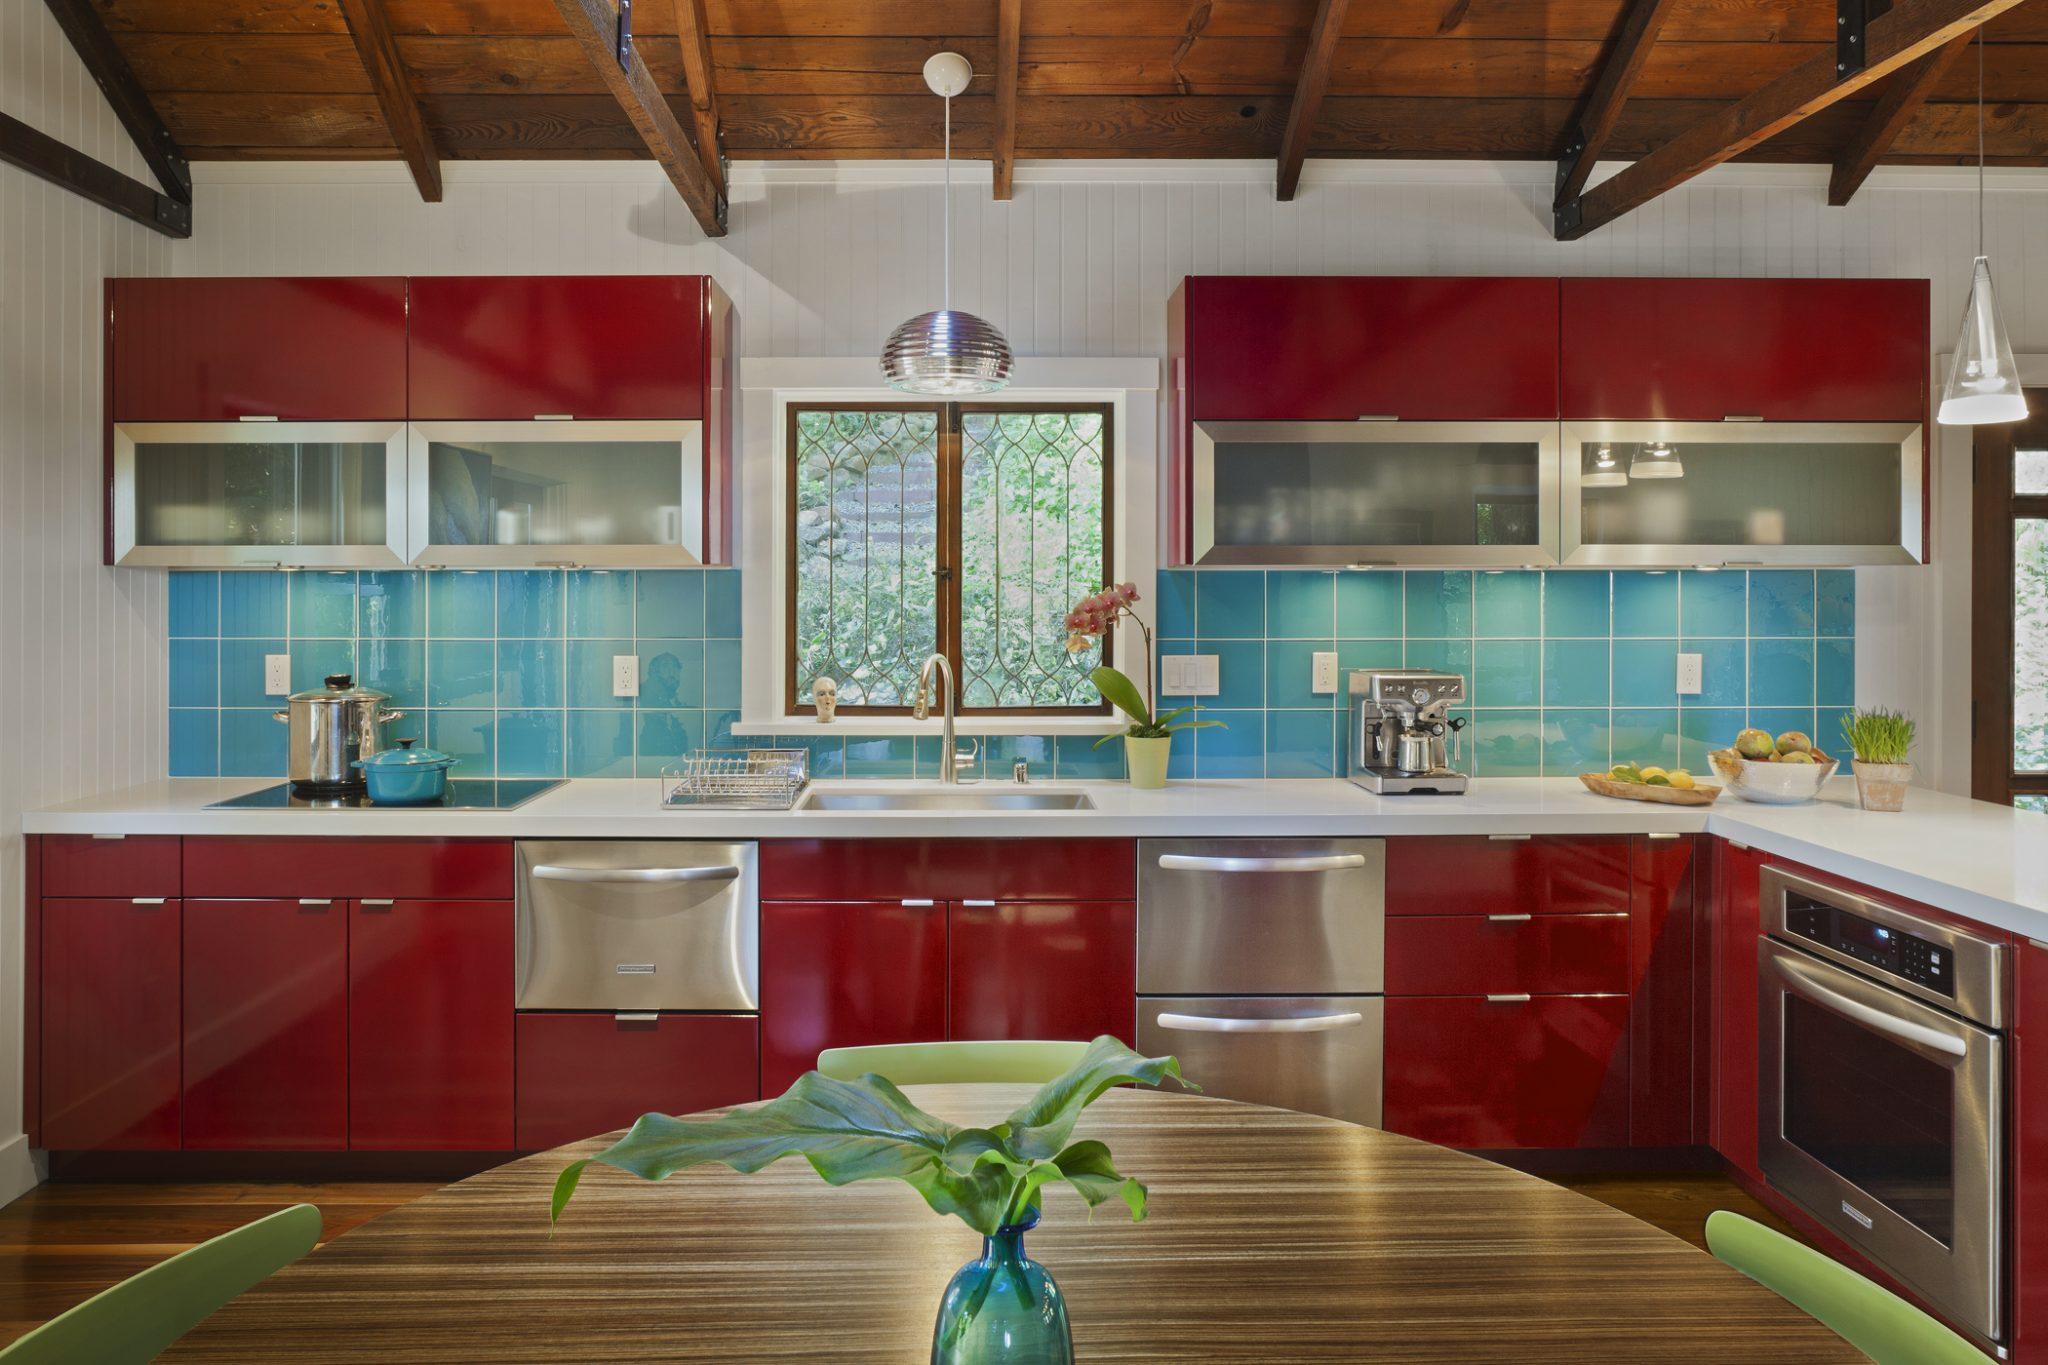 Interior design by Suzanne Childress Design